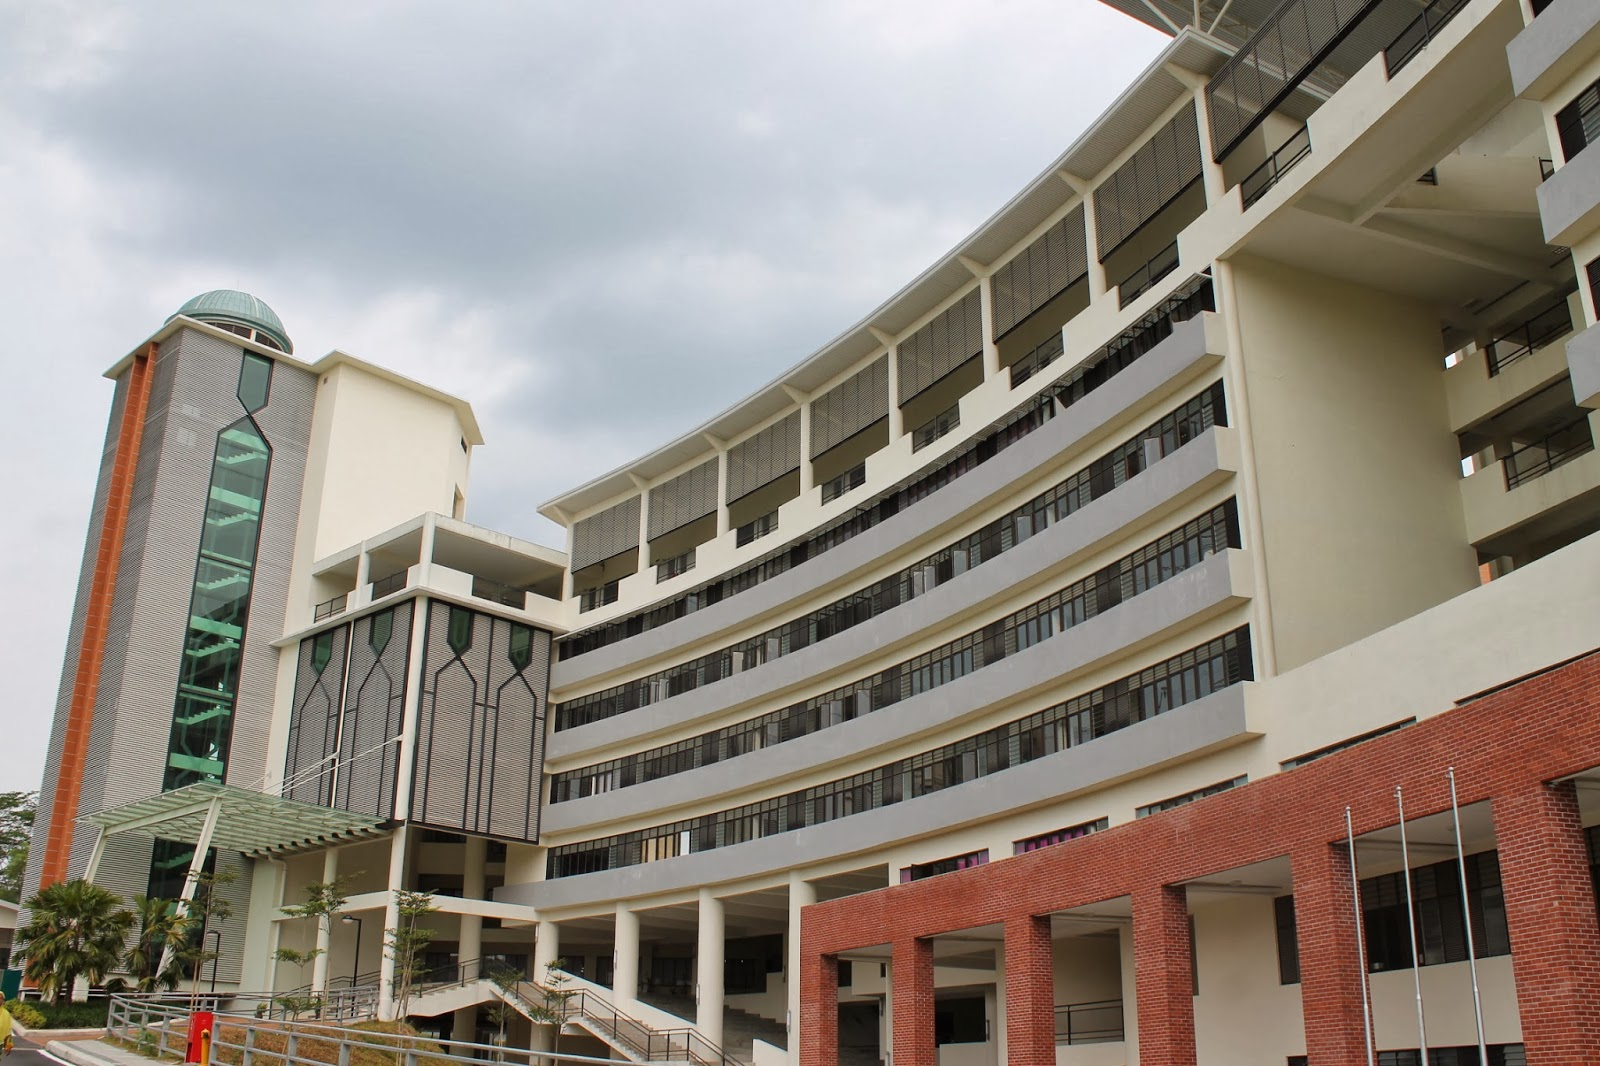 Sekolah Menengah Agama Islam Wilayah Persekutuan Kronis C